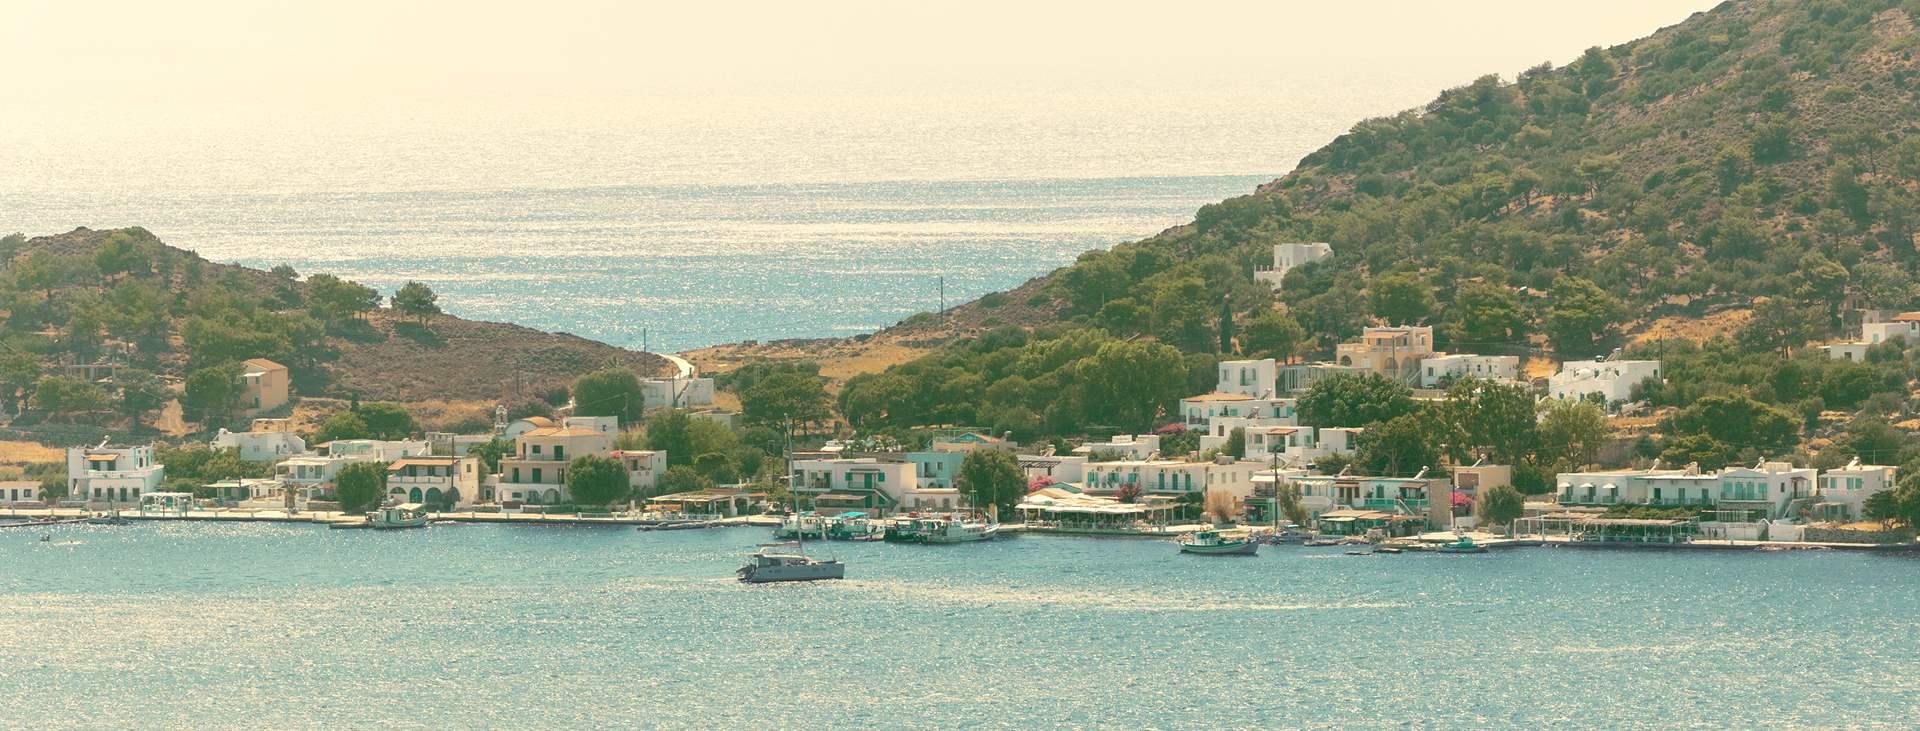 Bestill en reise med Ving til den greske øya Telendos